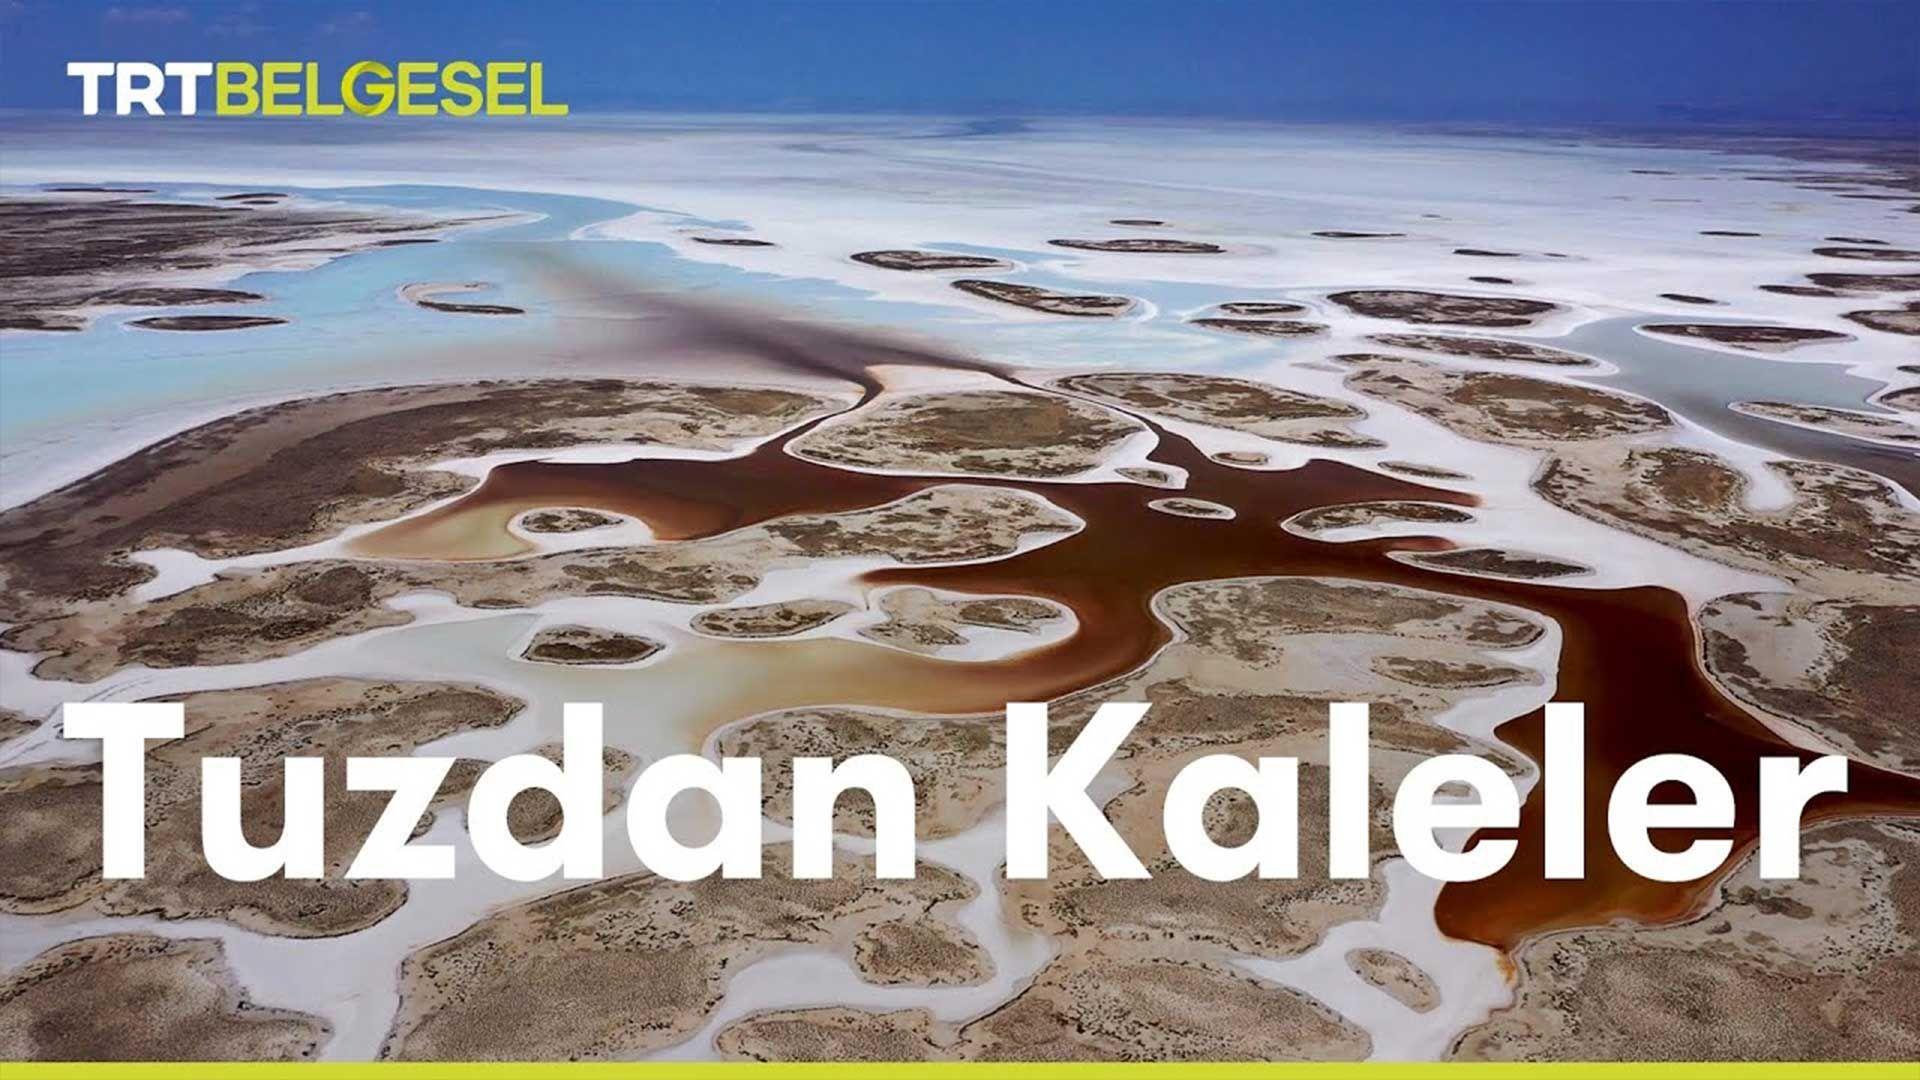 Tuz Gölü: Tuzdan Kaleler